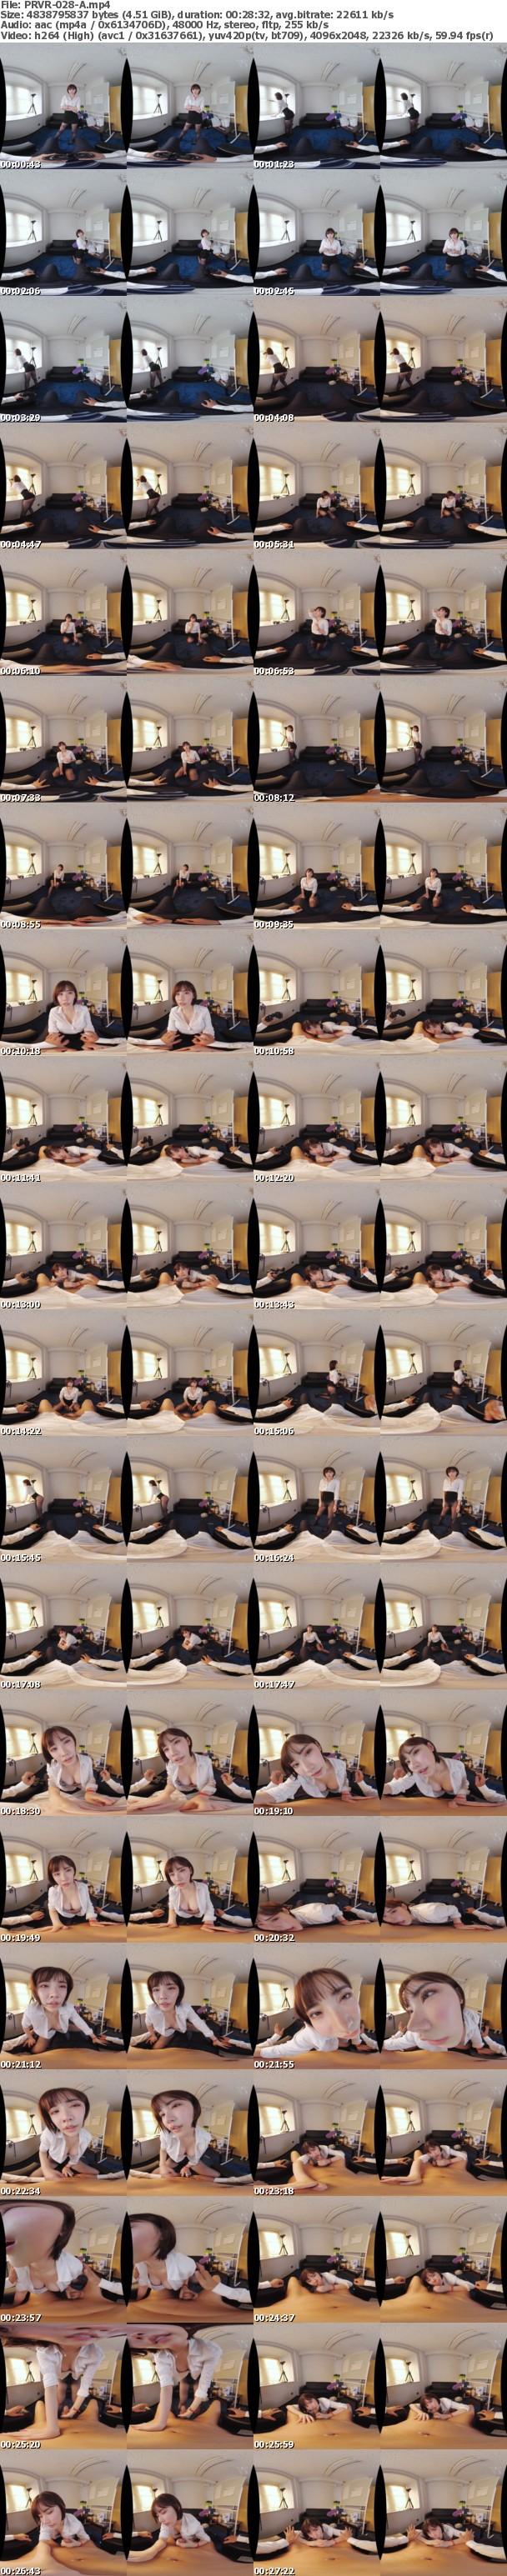 (VR) PRVR-028 【HQ超高画質】上司の巨乳捜査官と張り込み捜査を開始したアナタ!暑さで理性が狂っていき… 汗とフェロモンまみれの密室で使命を忘れてパイズリ・中出しSEXに没頭!もう犯人なんてどうでもイイ…ッ! 深田えいみ